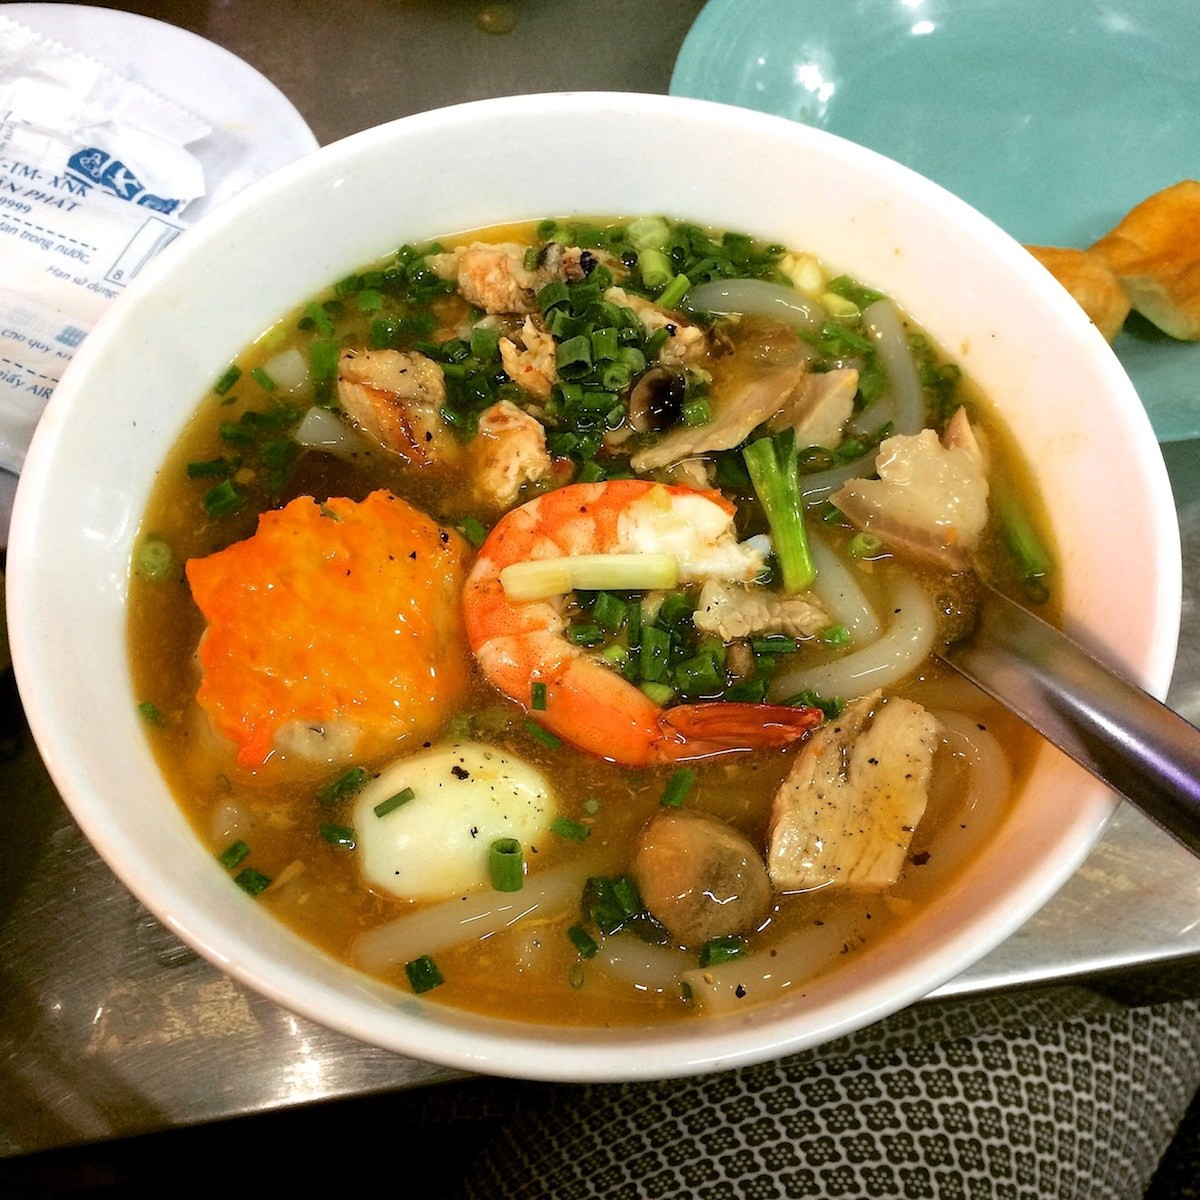 Bánh canh gánh vỉa hè Nguyễn Thái Học 1